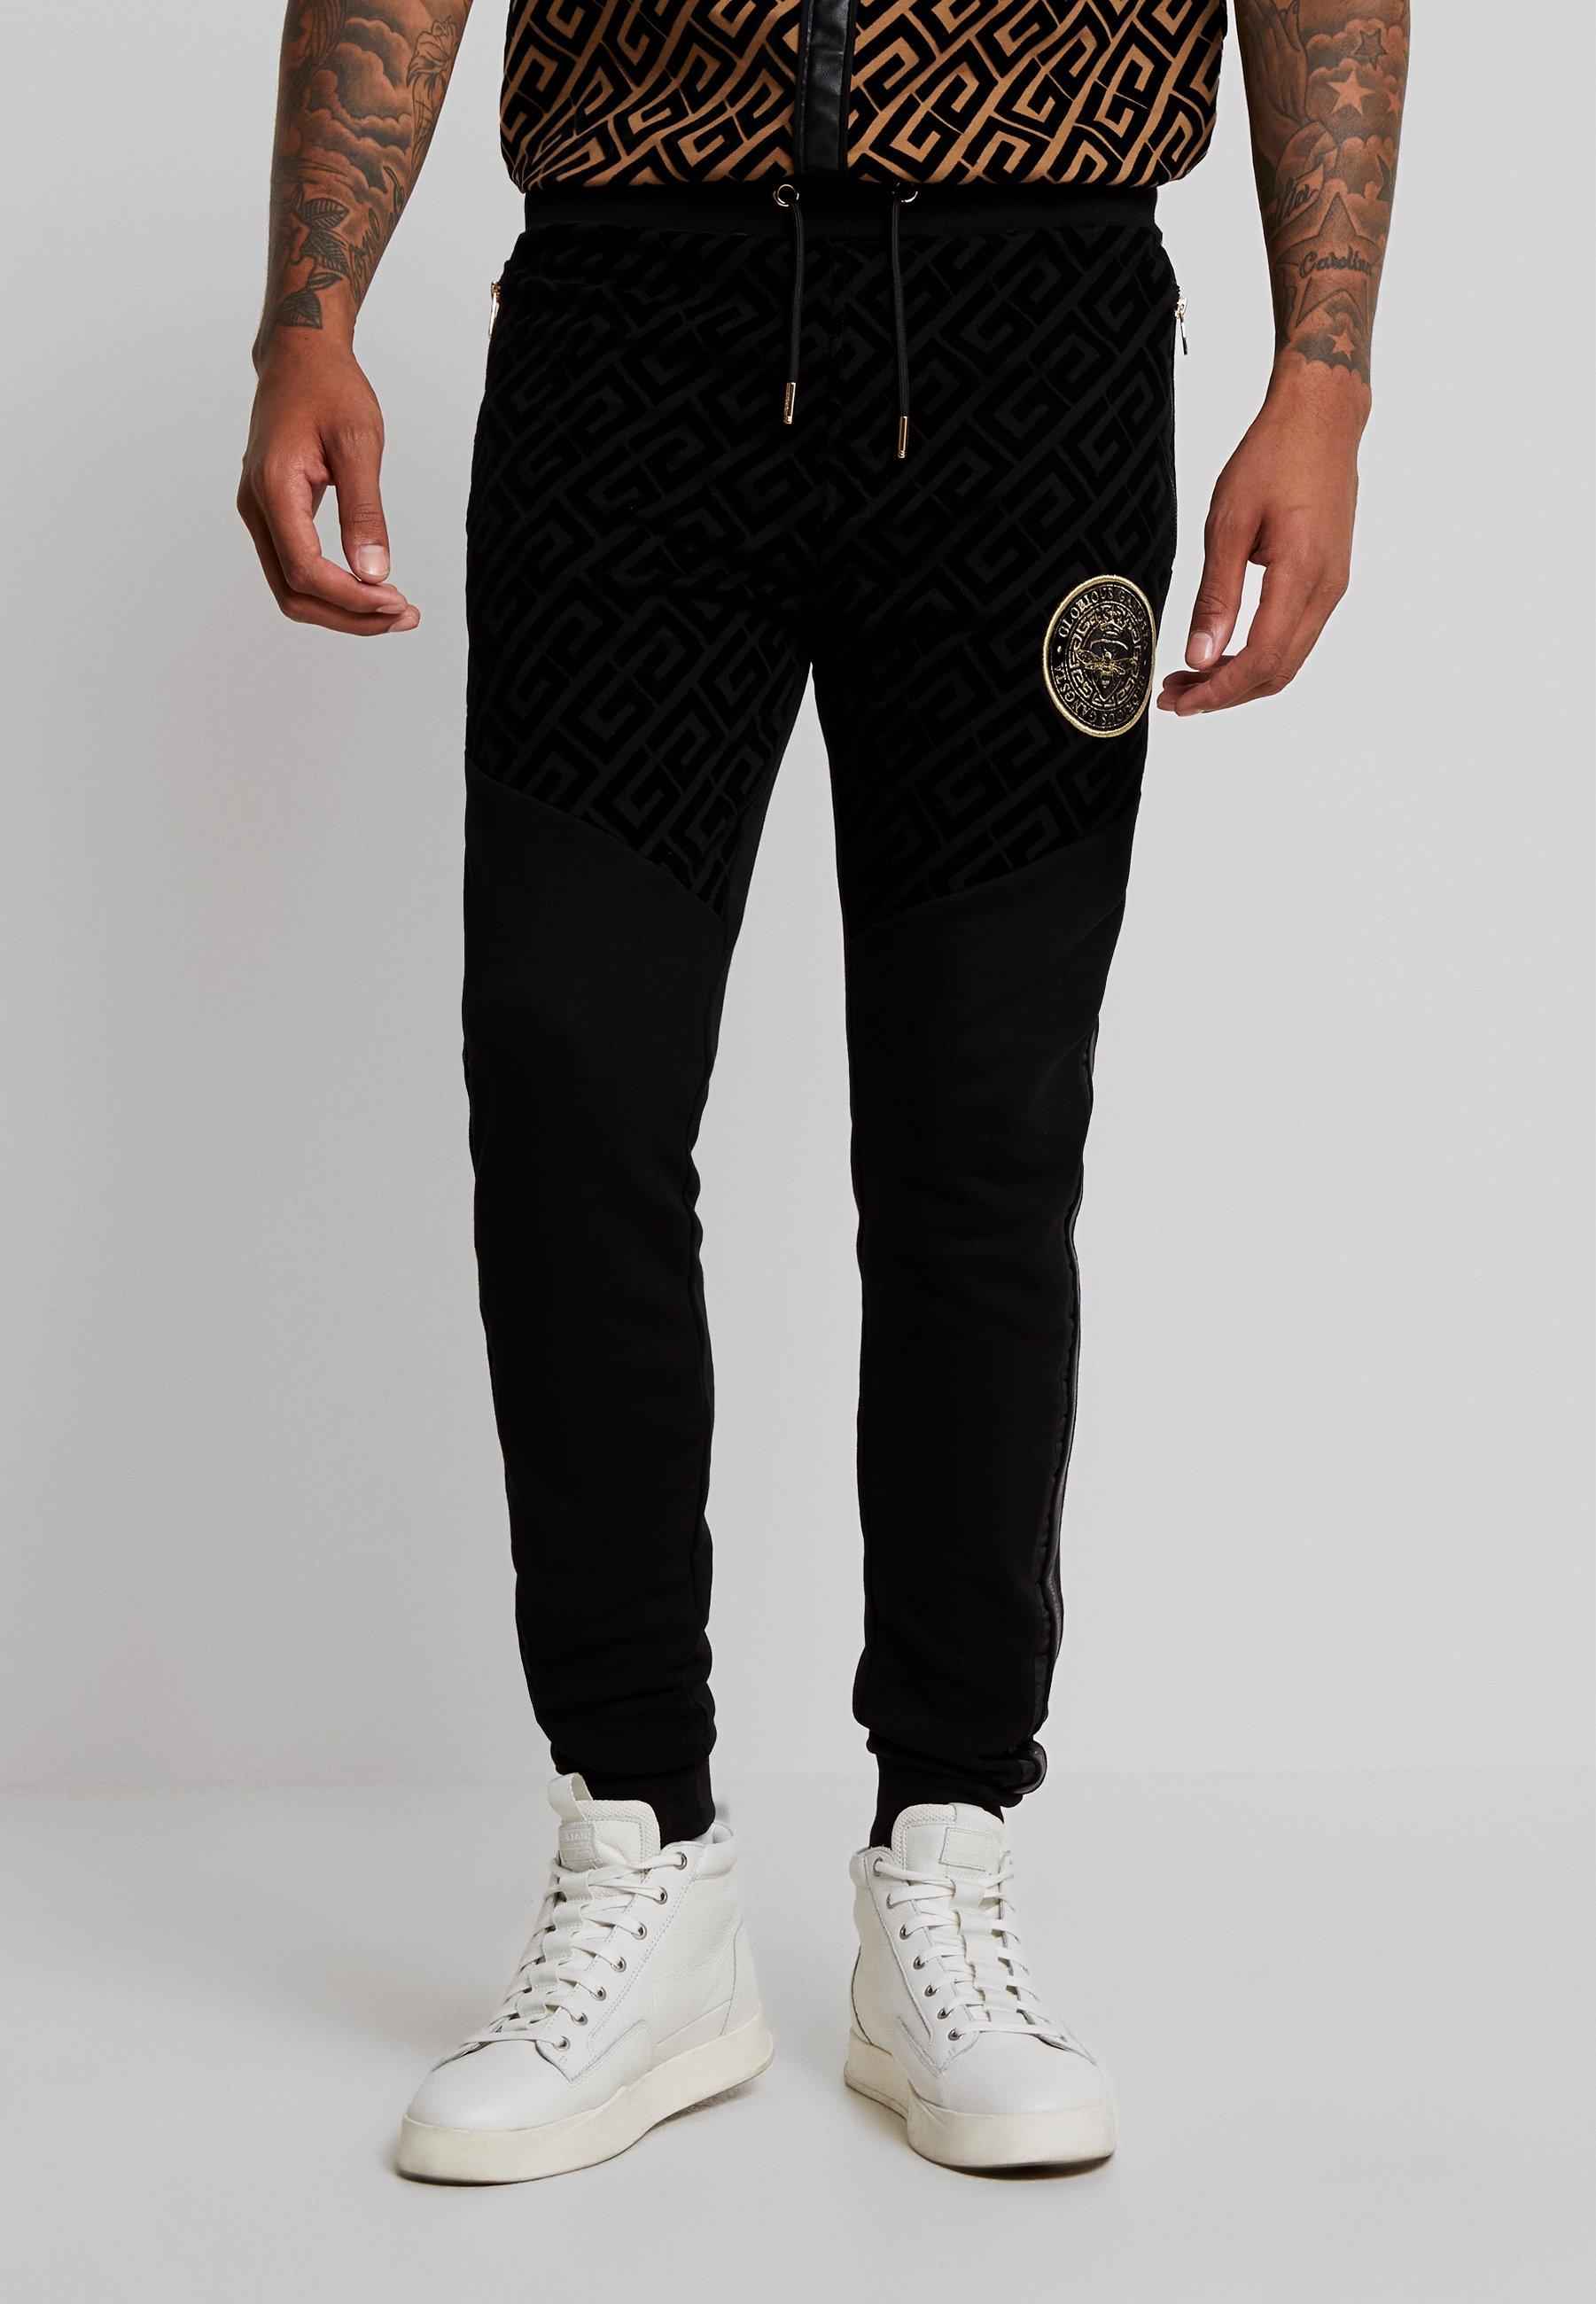 Glorious Yakuza Gangsta Black Survêtement JoggersPantalon De wmn8ONv0